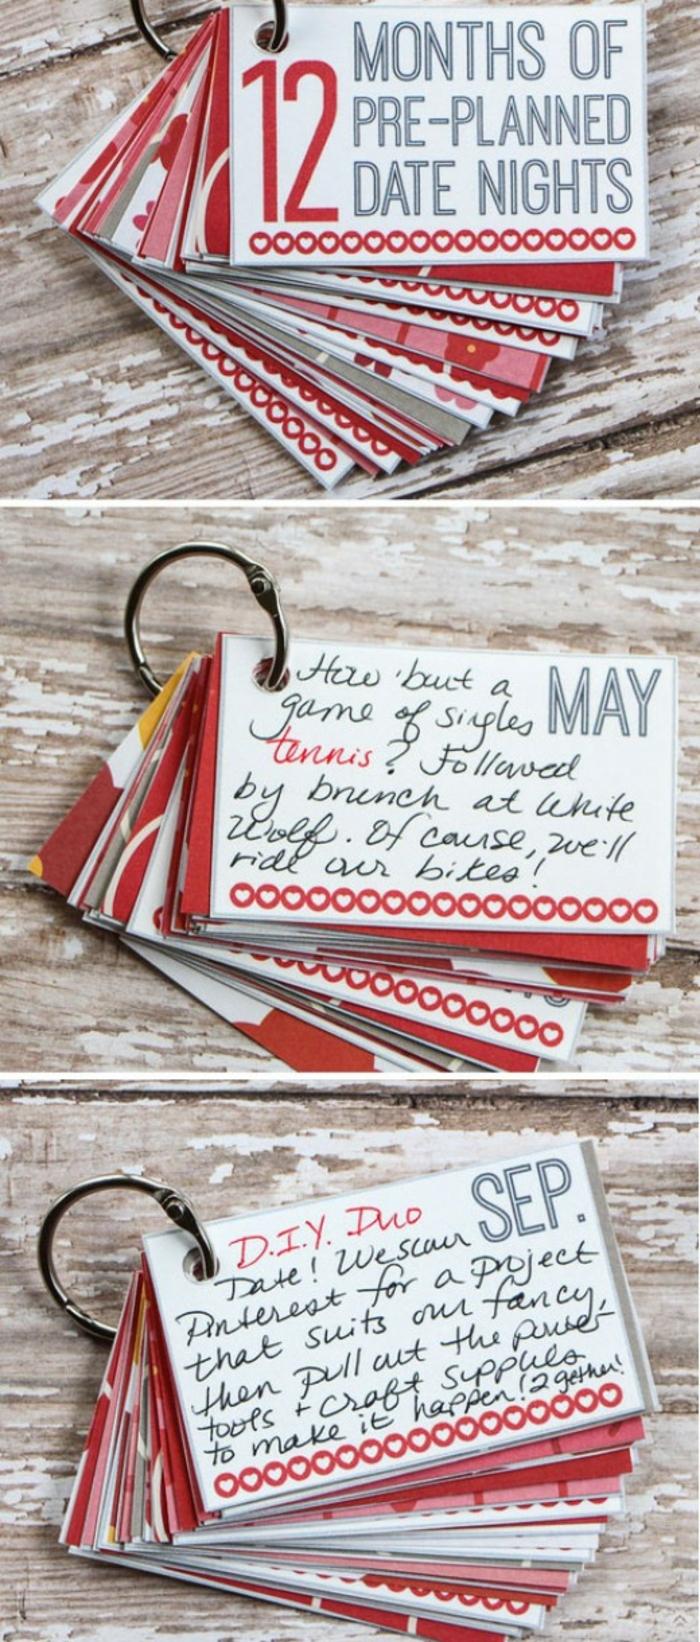 regalos originales para novios, regalo con papeles con mensajes de amor en anilla de llavero